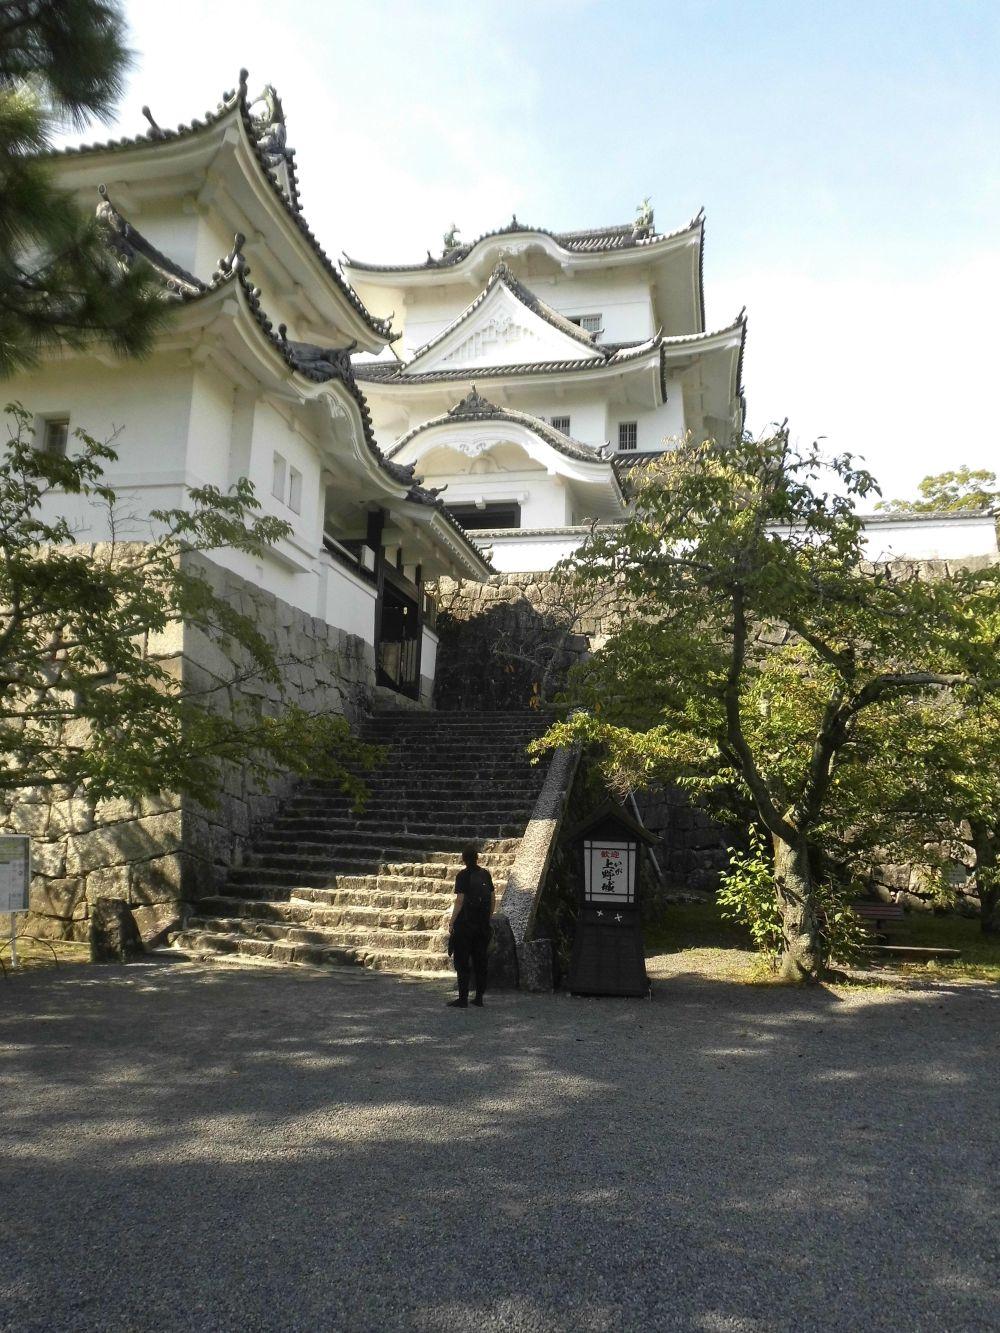 Ein Asiatischer Bau mit einer vorgelagerten Treppe. Es handelt sich um das Japanische Ninjamuseum. Das gebäude ist weis bis cremefarben gestrichen.